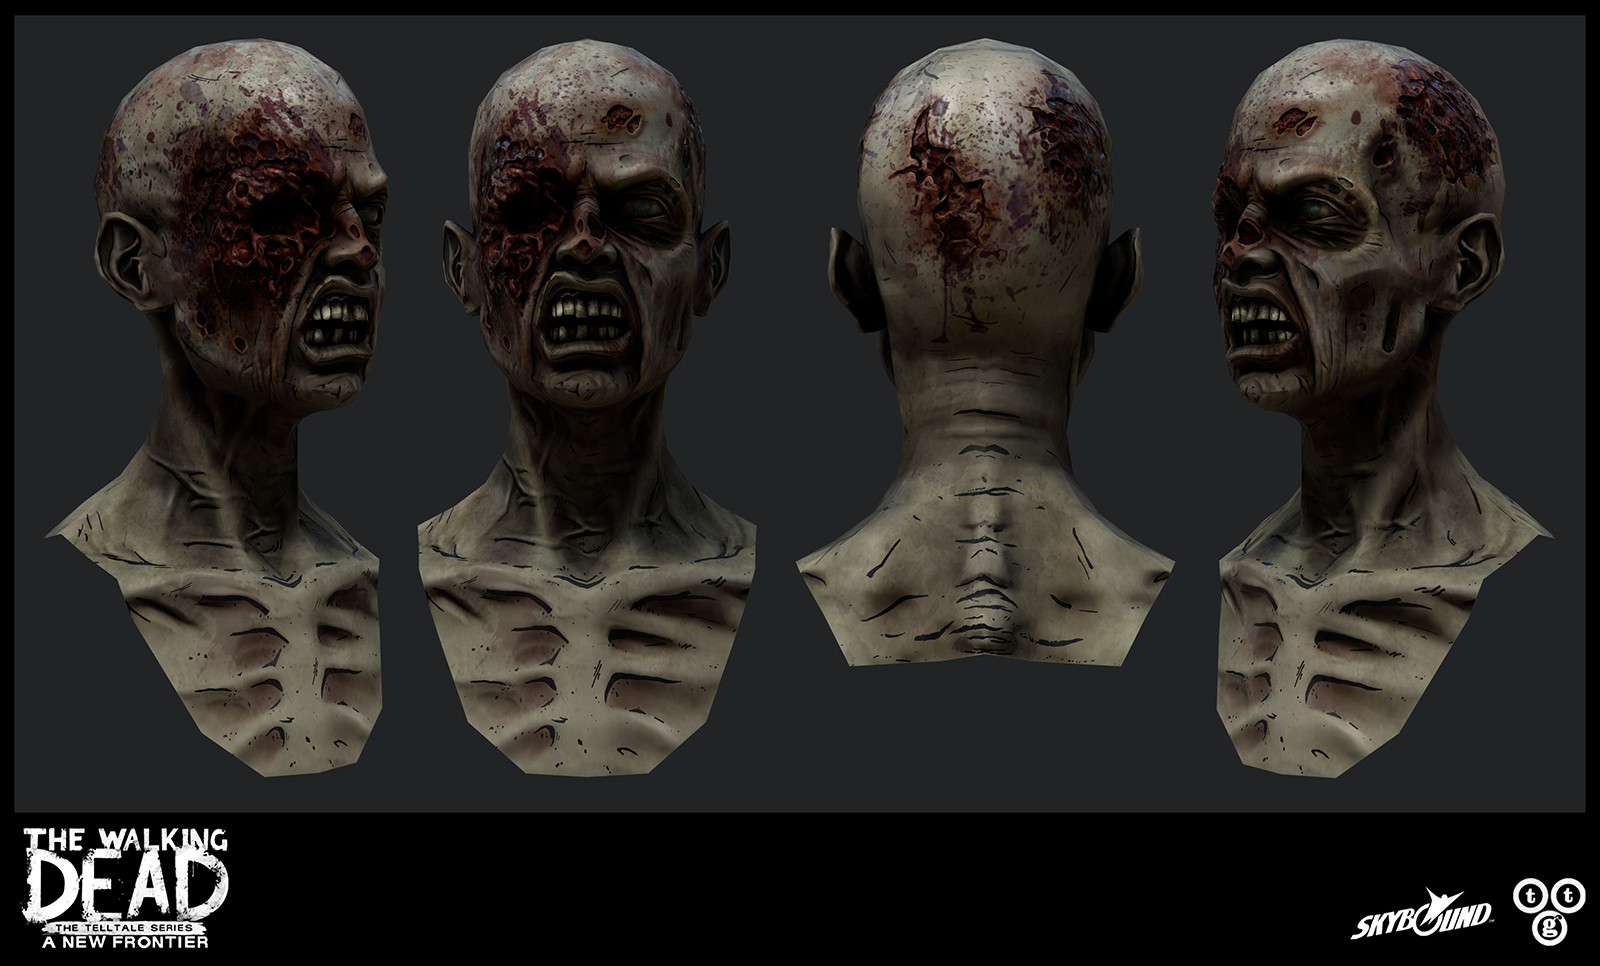 Jay susuico jsusuico wd3 zombiehead2render